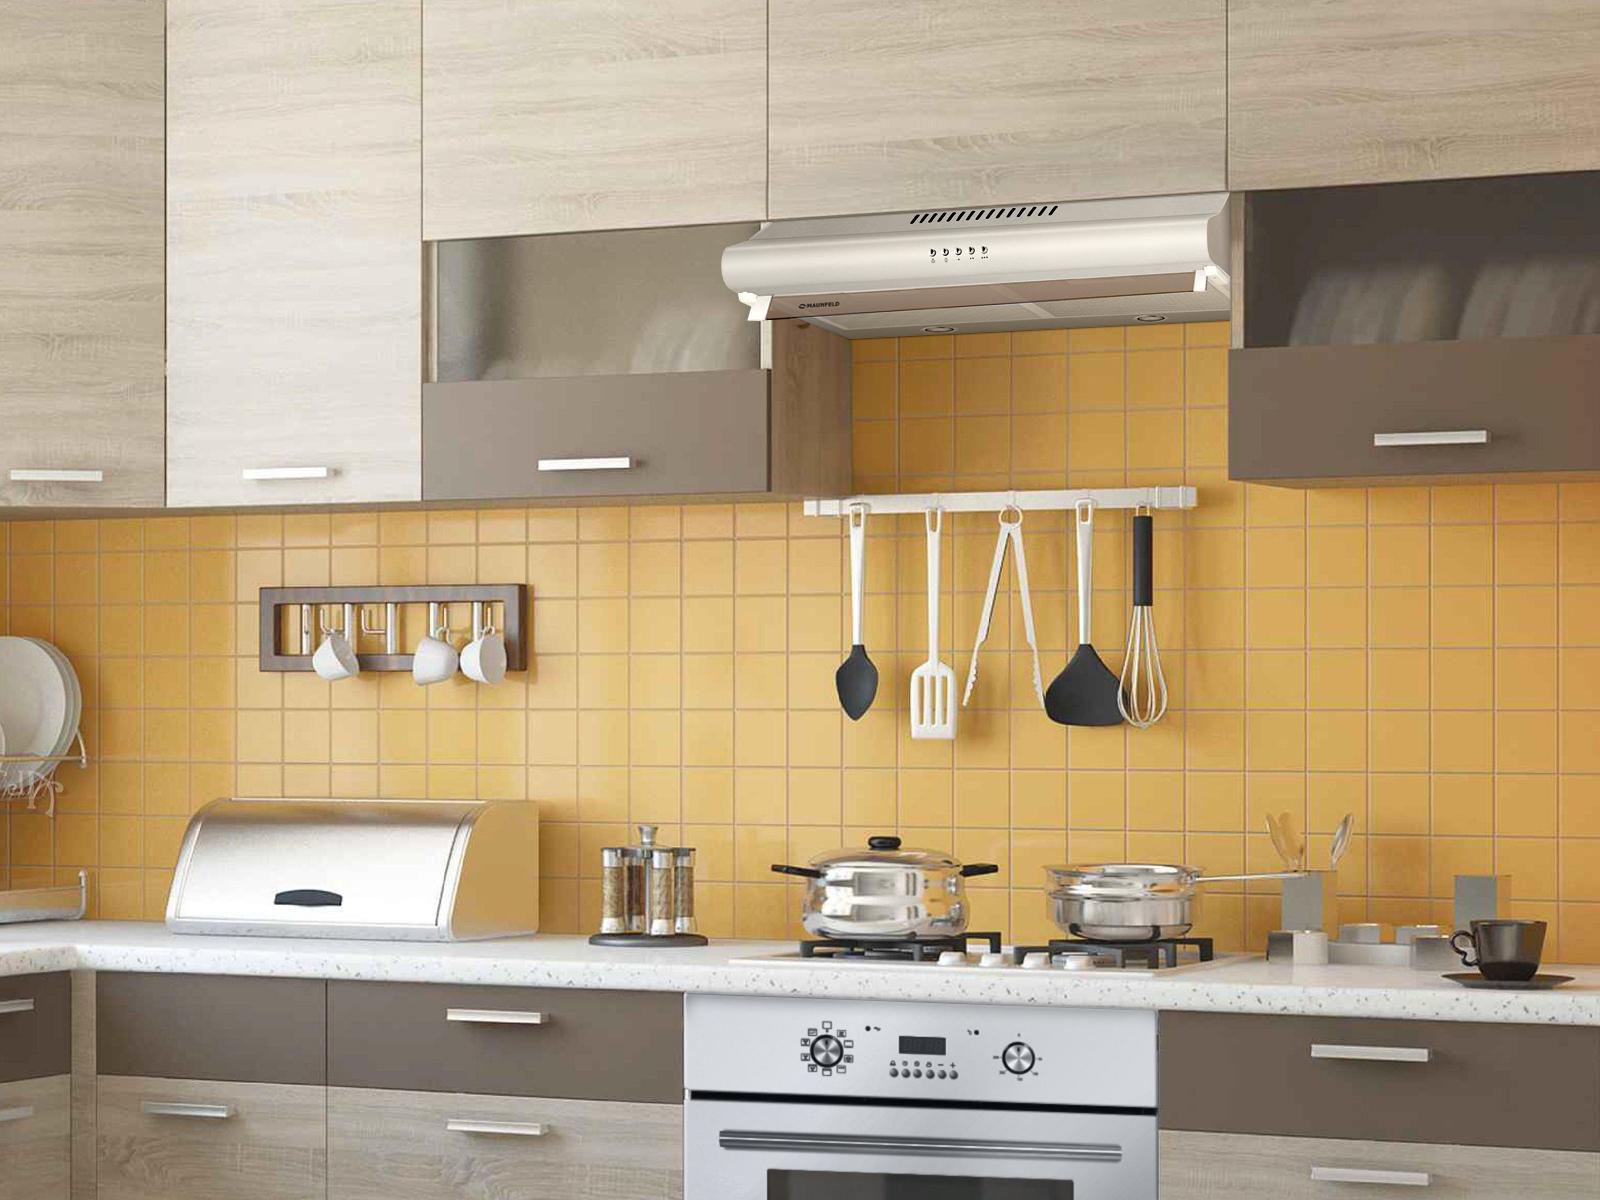 установка вытяжки на кухне идеи